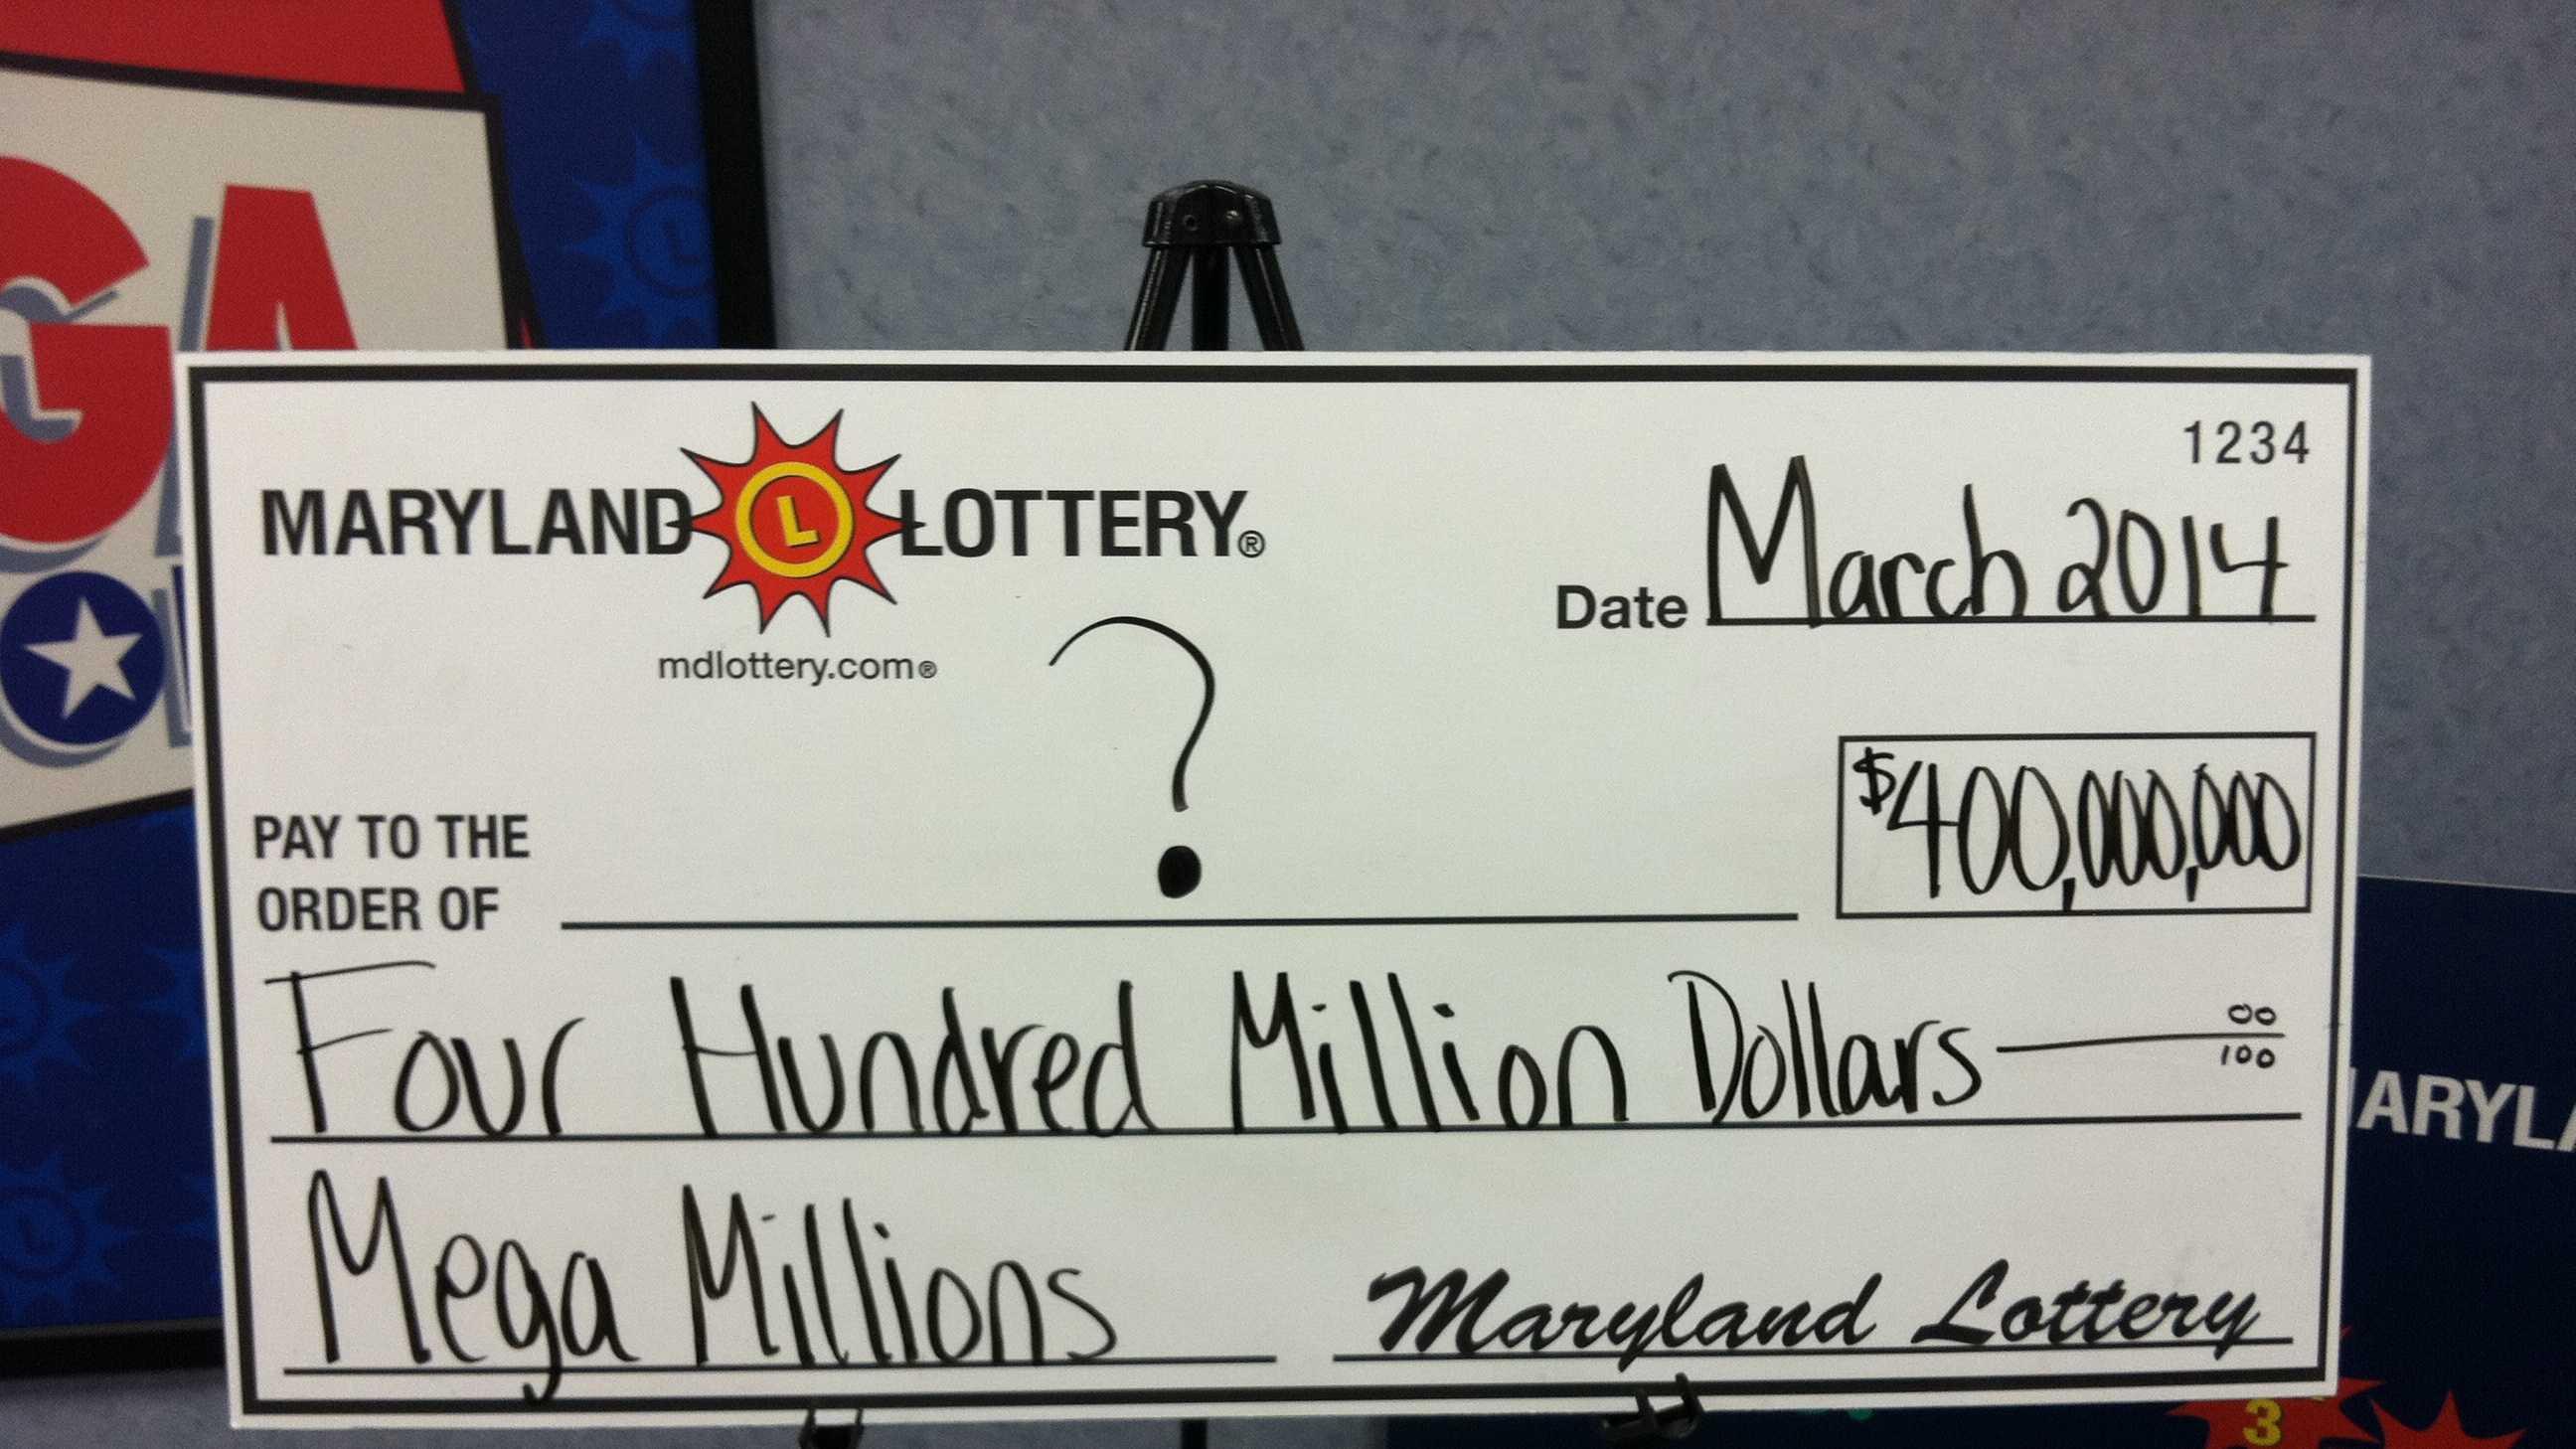 Mock $400m lotto check